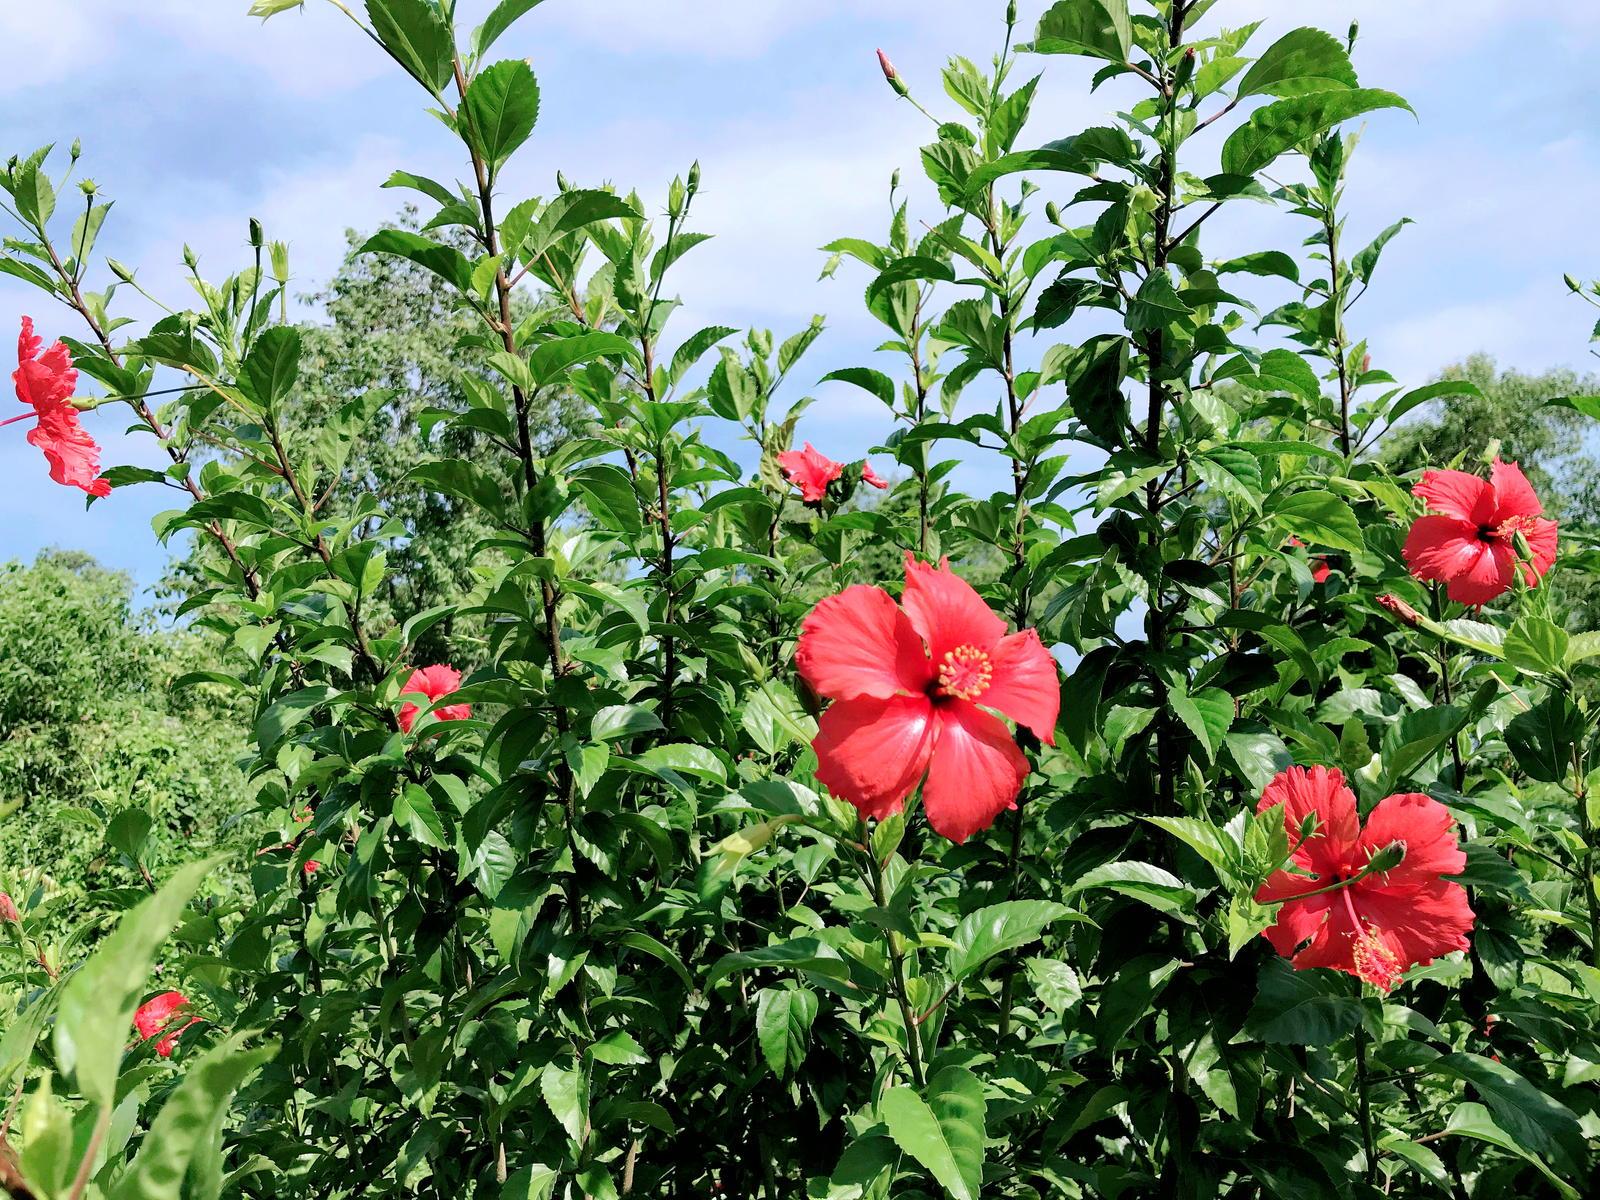 Atemberaubend Hibiskus: Alle Tipps für die perfekte Blüte - Plantura @SD_62